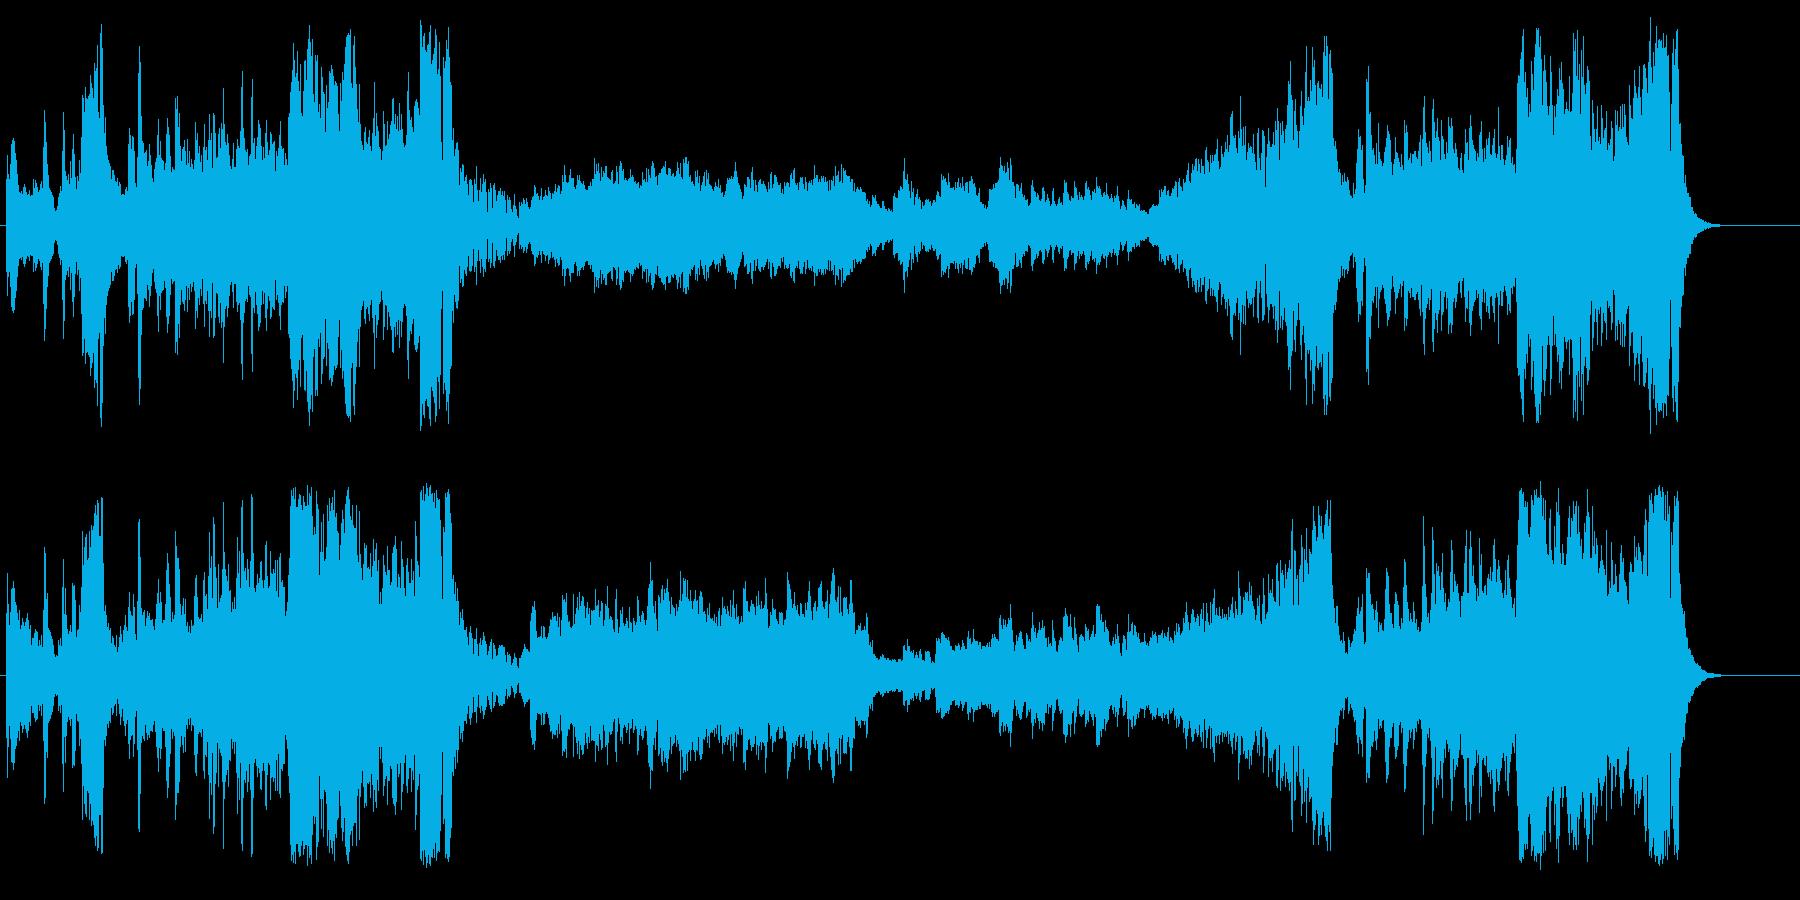 クラシック調のインフォメーションBGMの再生済みの波形